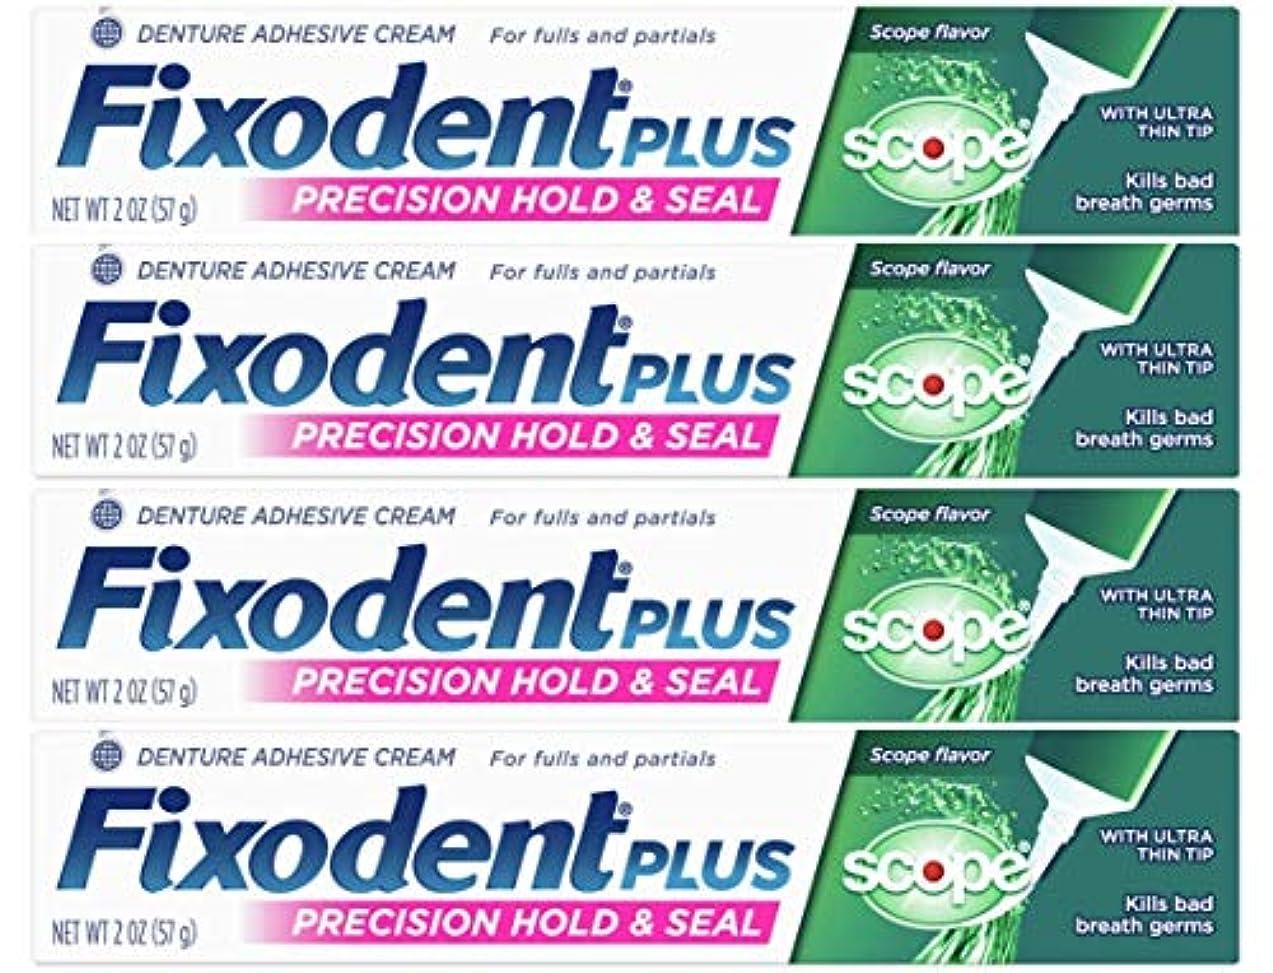 保存水素容器Fixodent プラスのスコープ義歯接着剤クリーム2オンス(4パック)(パッケージングは??変更になる場合があります) 2オンス(4パック) スコープフレーバー